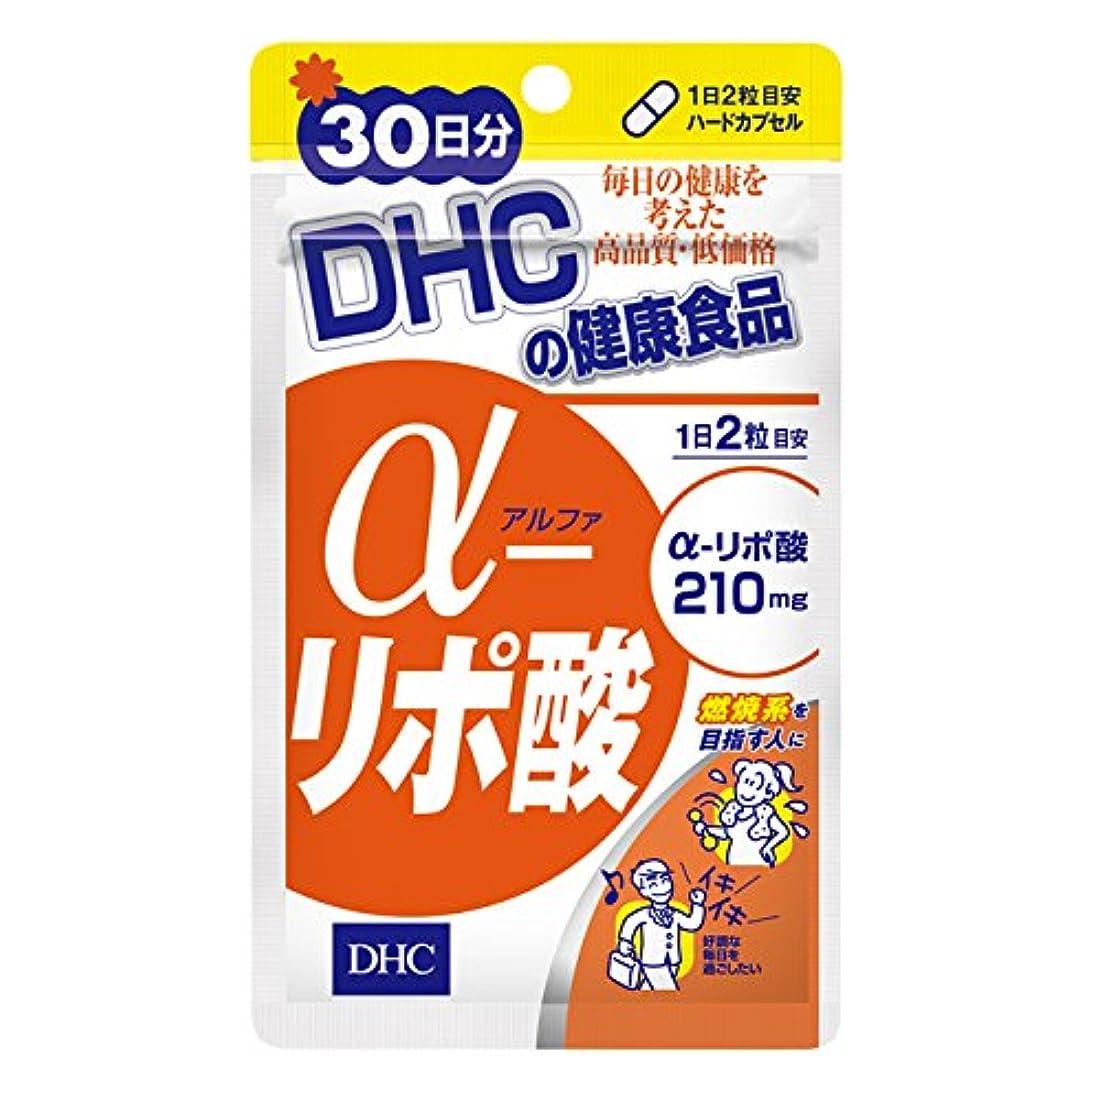 スタジアムラビリンス針DHC α(アルファ)-リポ酸 30日分